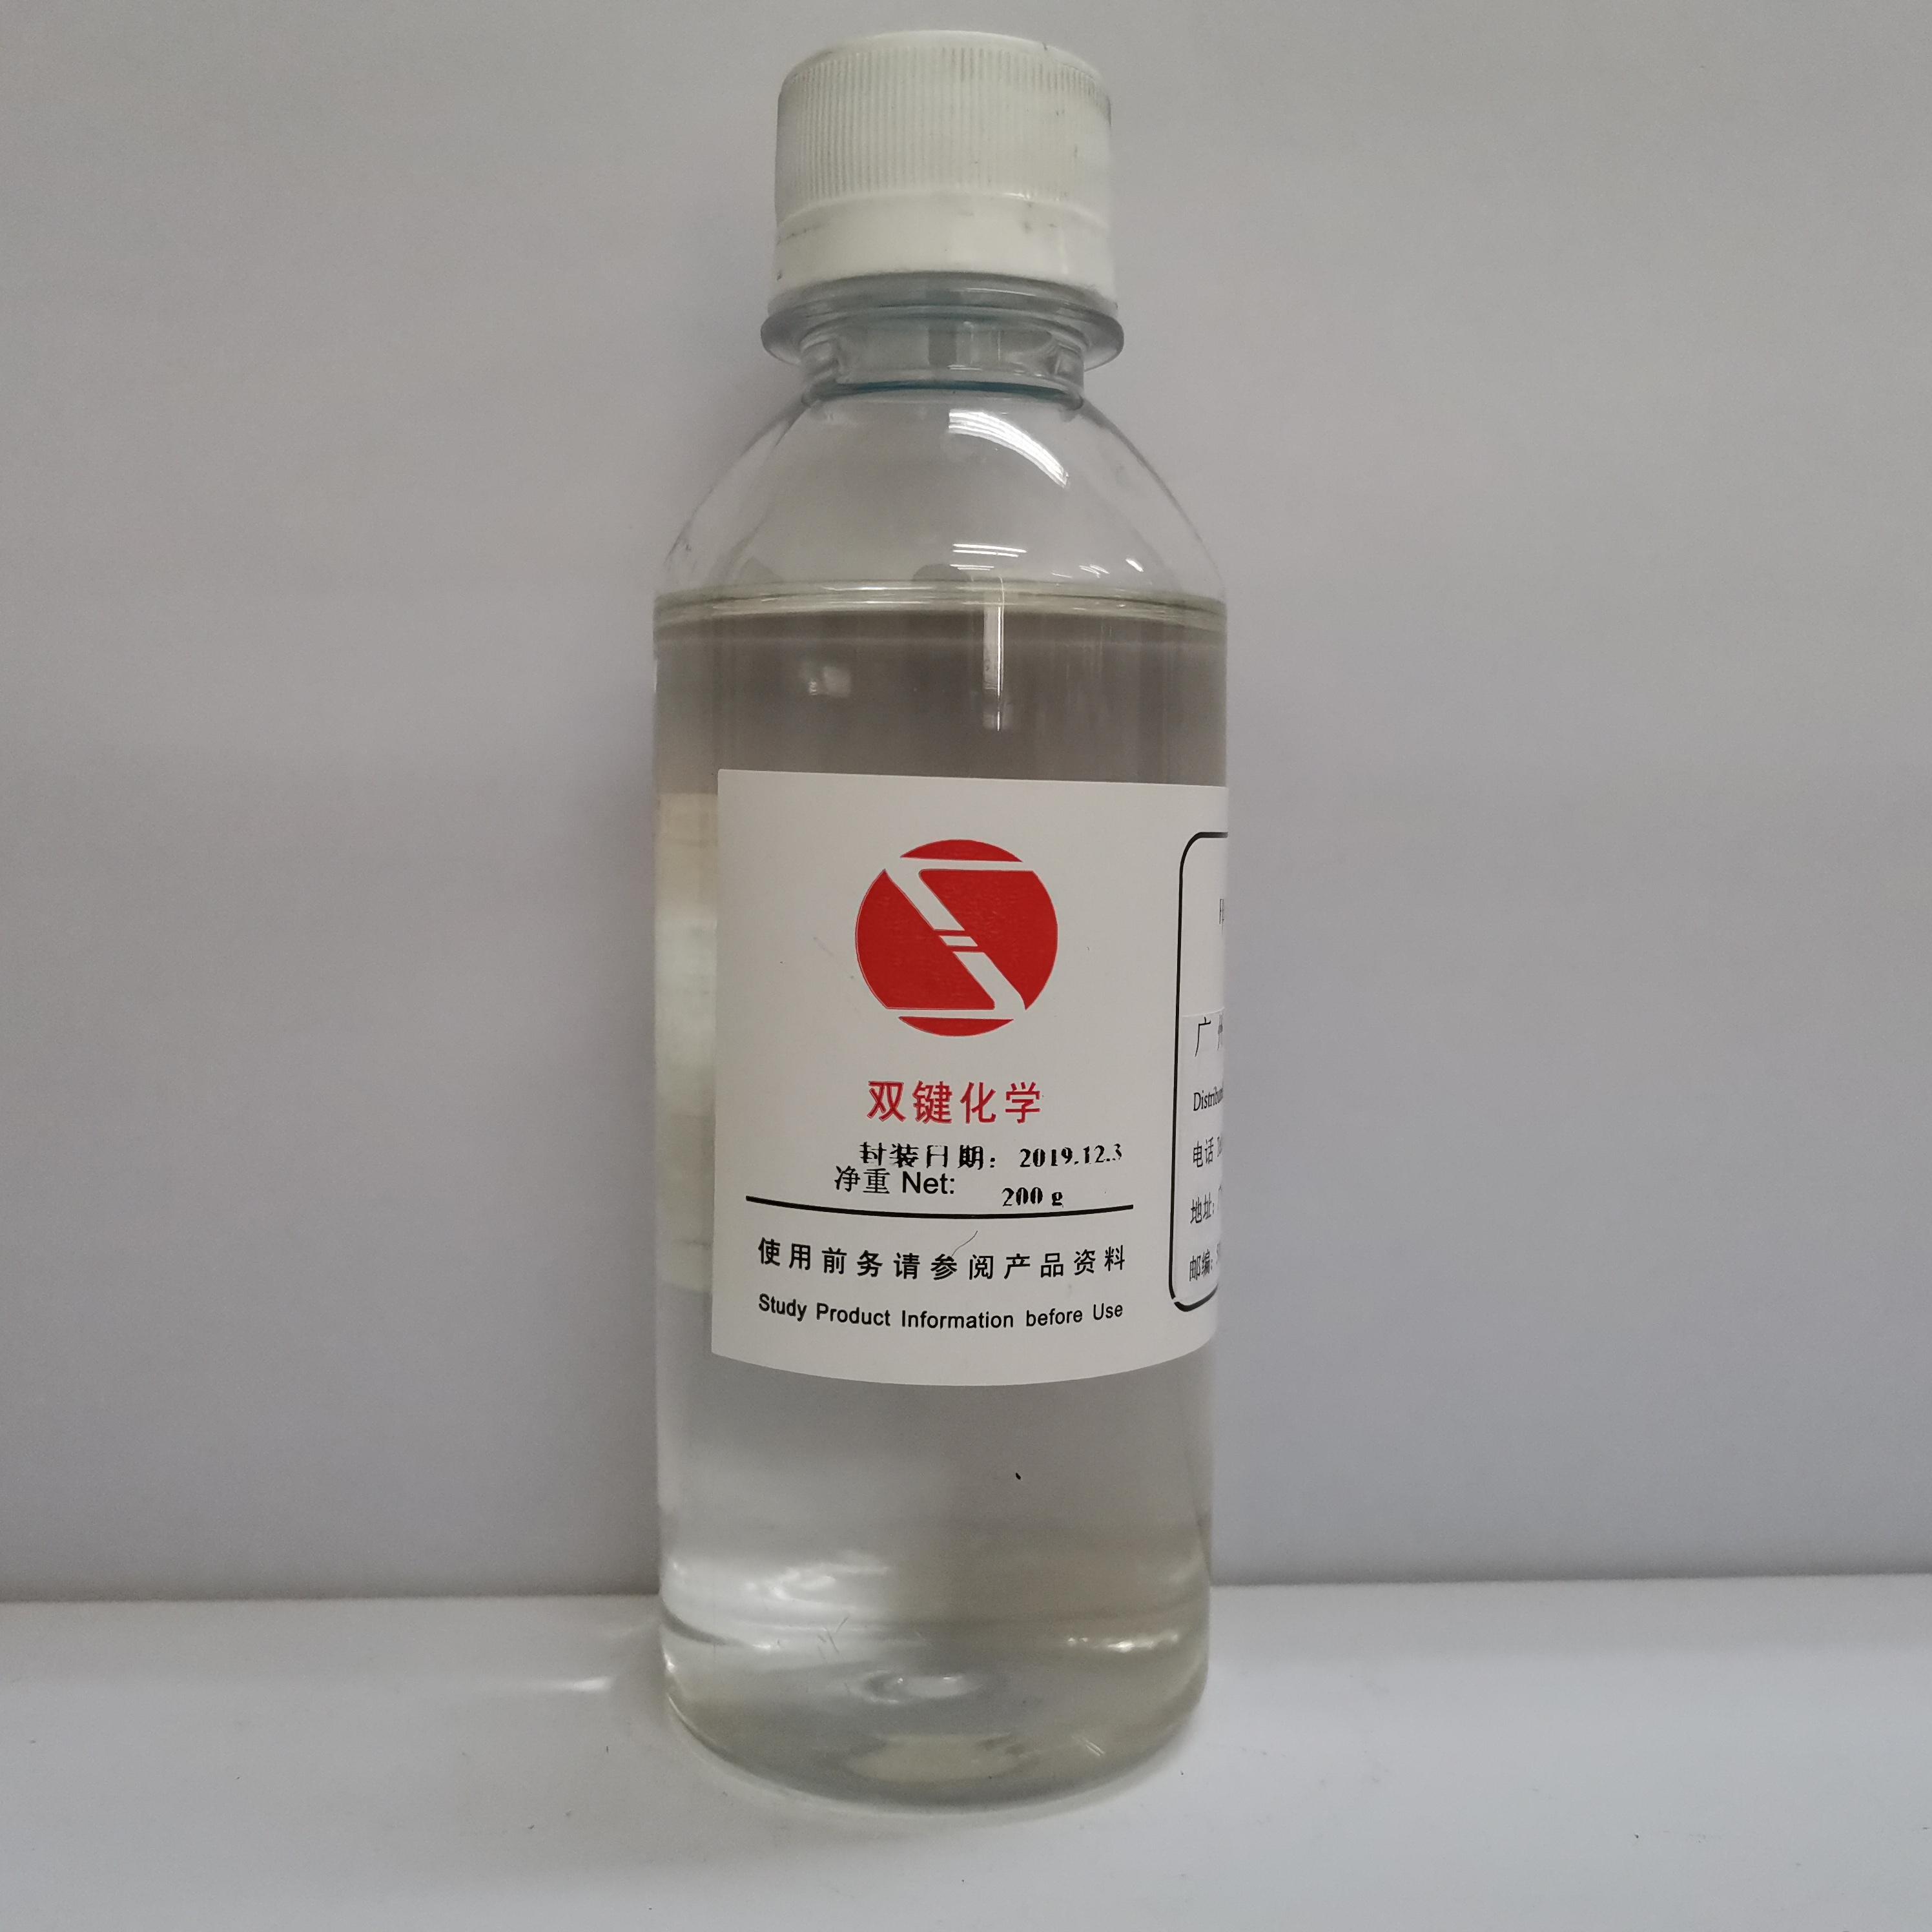 磺基琥珀酸酯二钠盐混合物